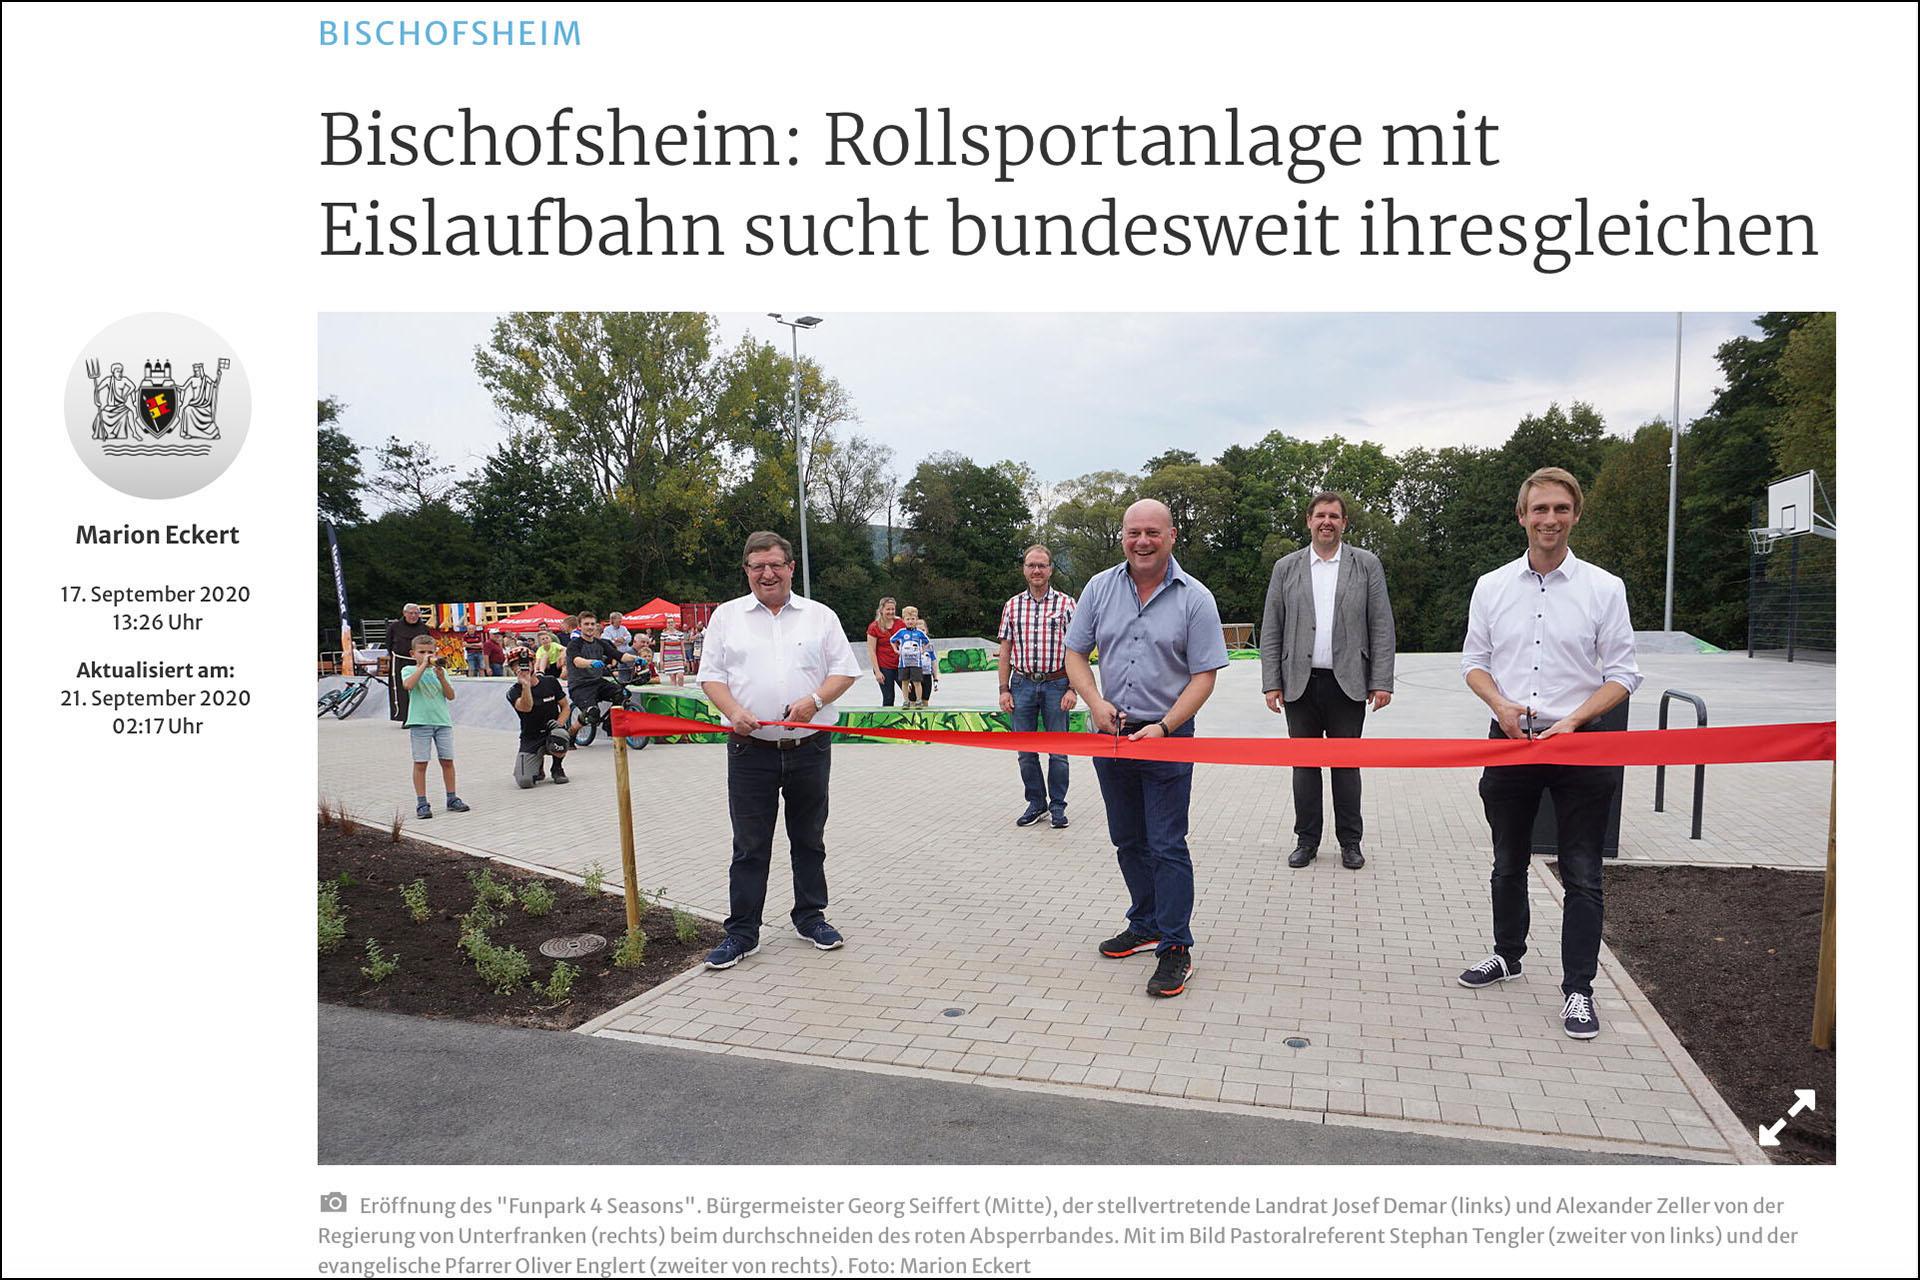 Graffiti, Bischofsheim, Auckz, DSGN, Presse